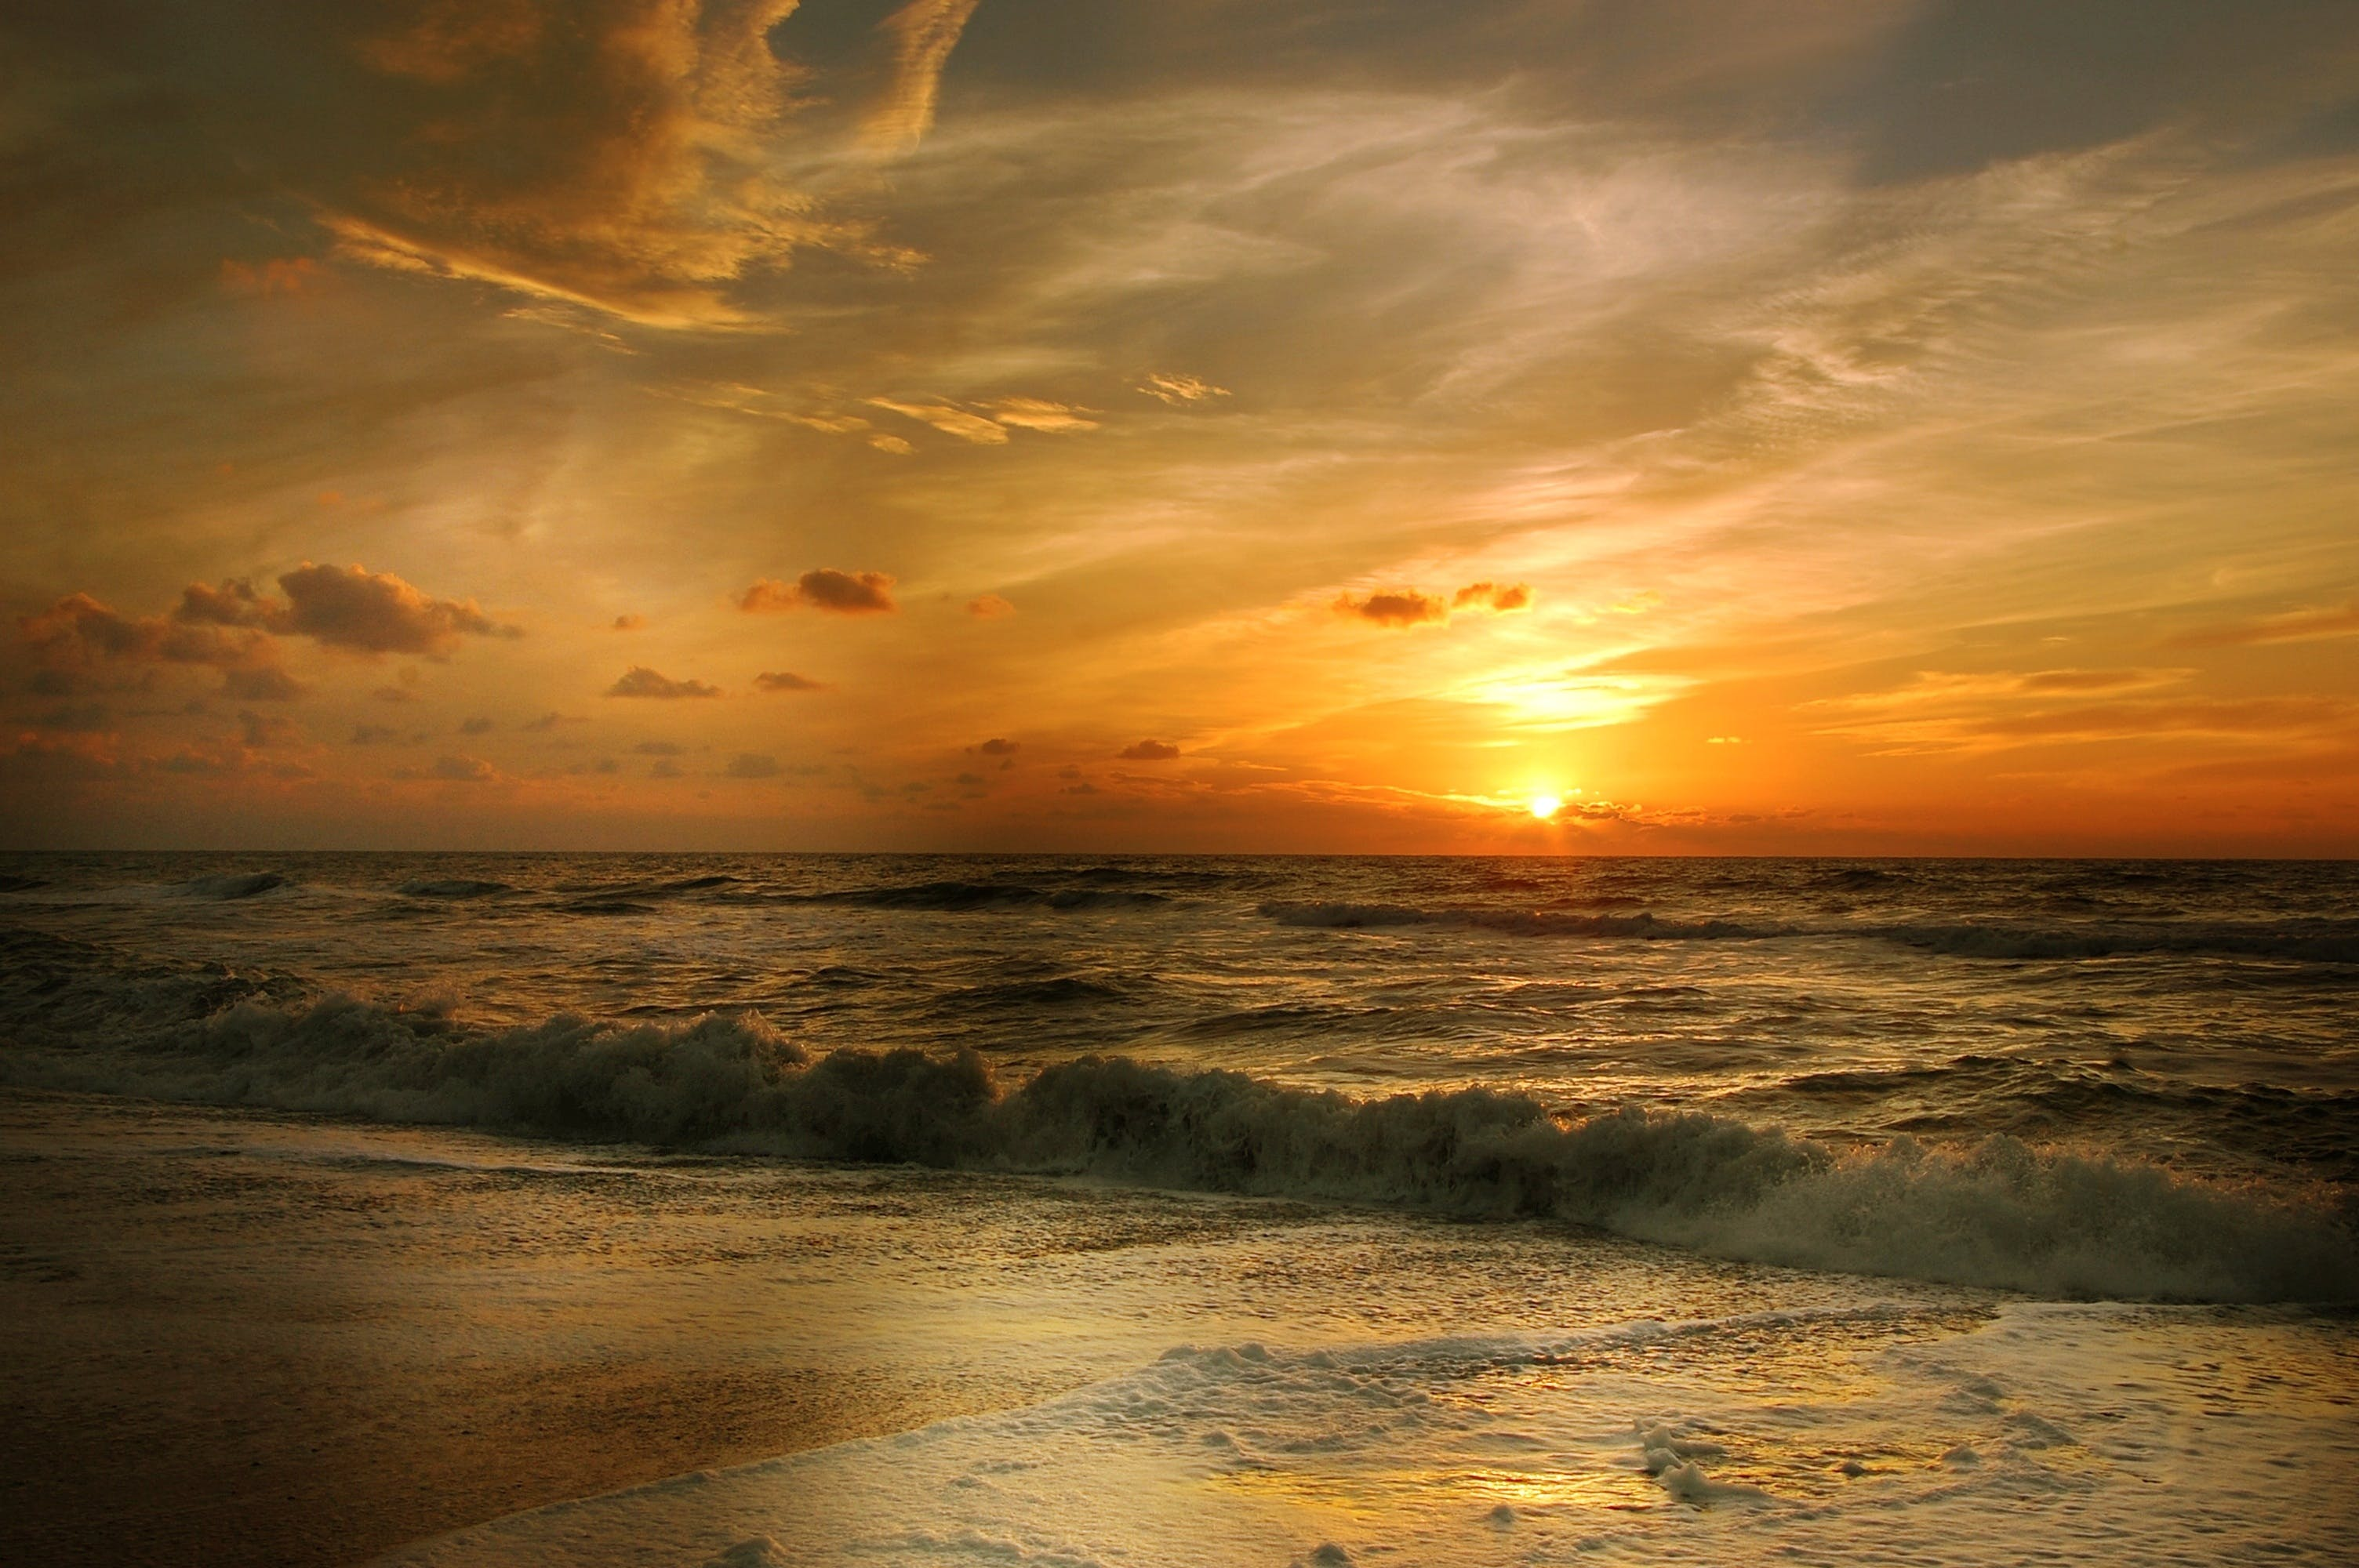 beach, beautiful, clouds